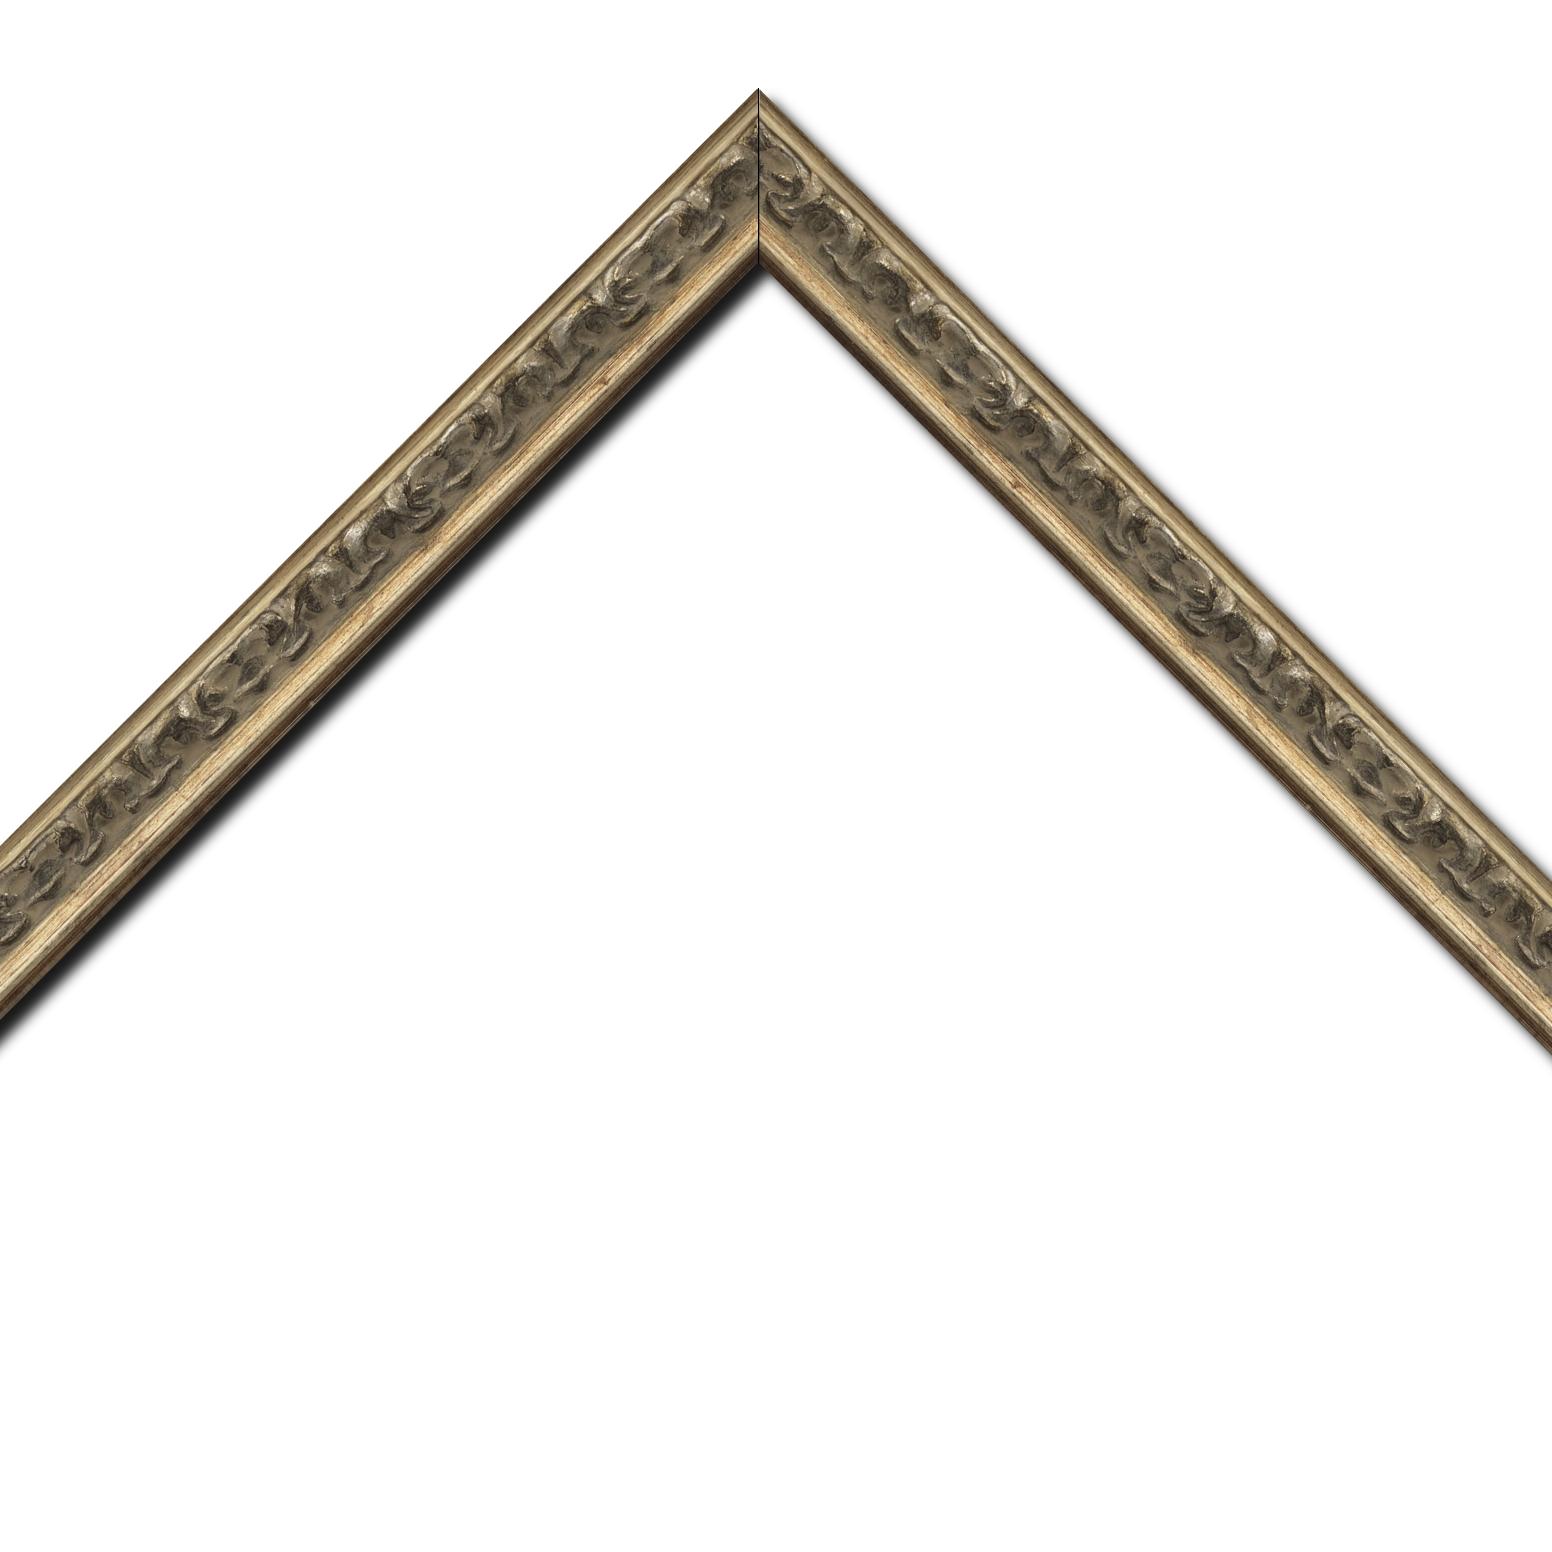 Baguette bois profil incurvé largeur 3cm argent chaud patiné